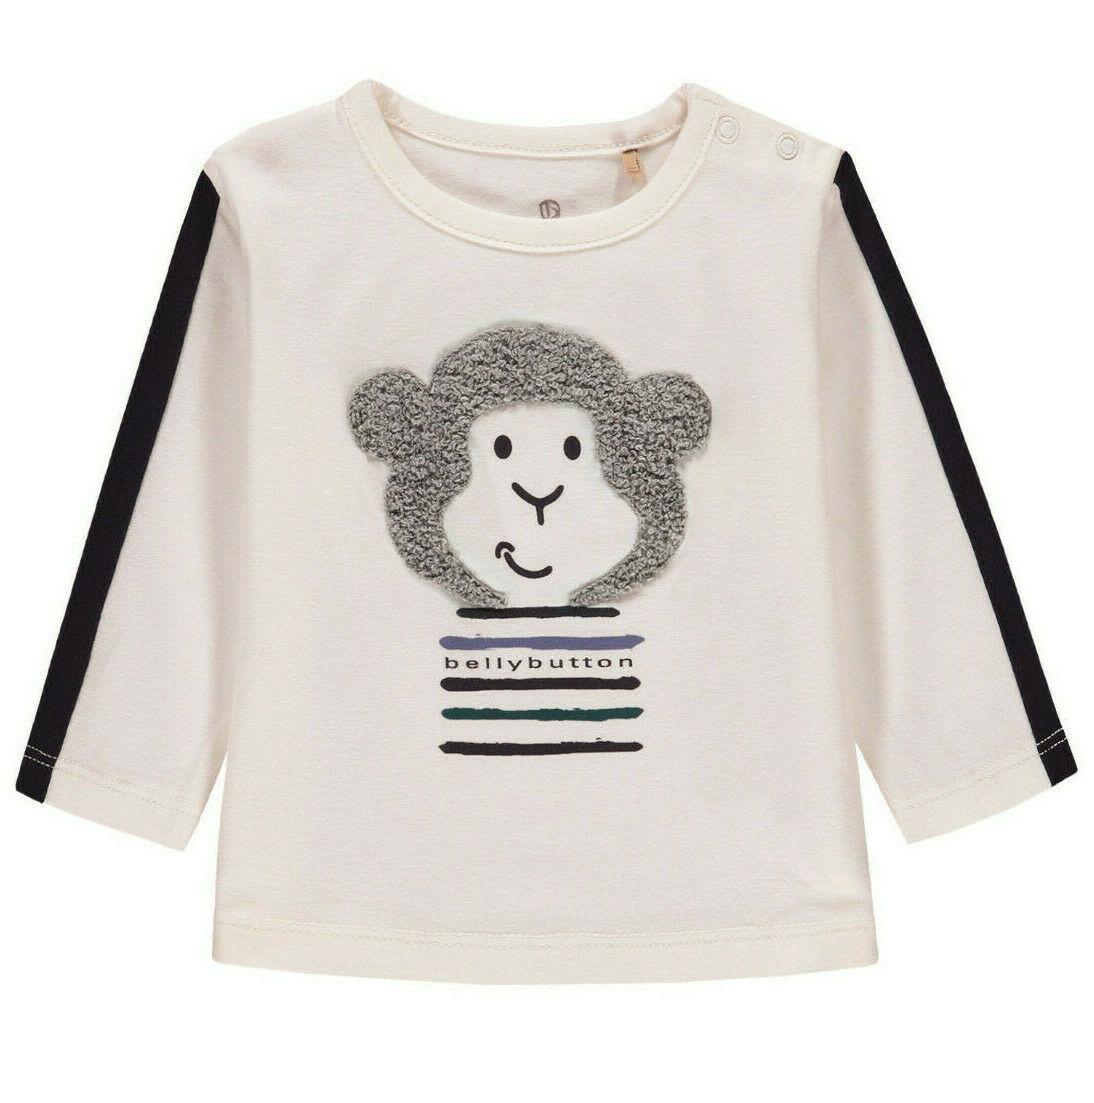 Lange Hose Kleidung Set Neugeborenen Unisex Baby Junge M/ädchen Gestrickte Solid Button Langarmshirt